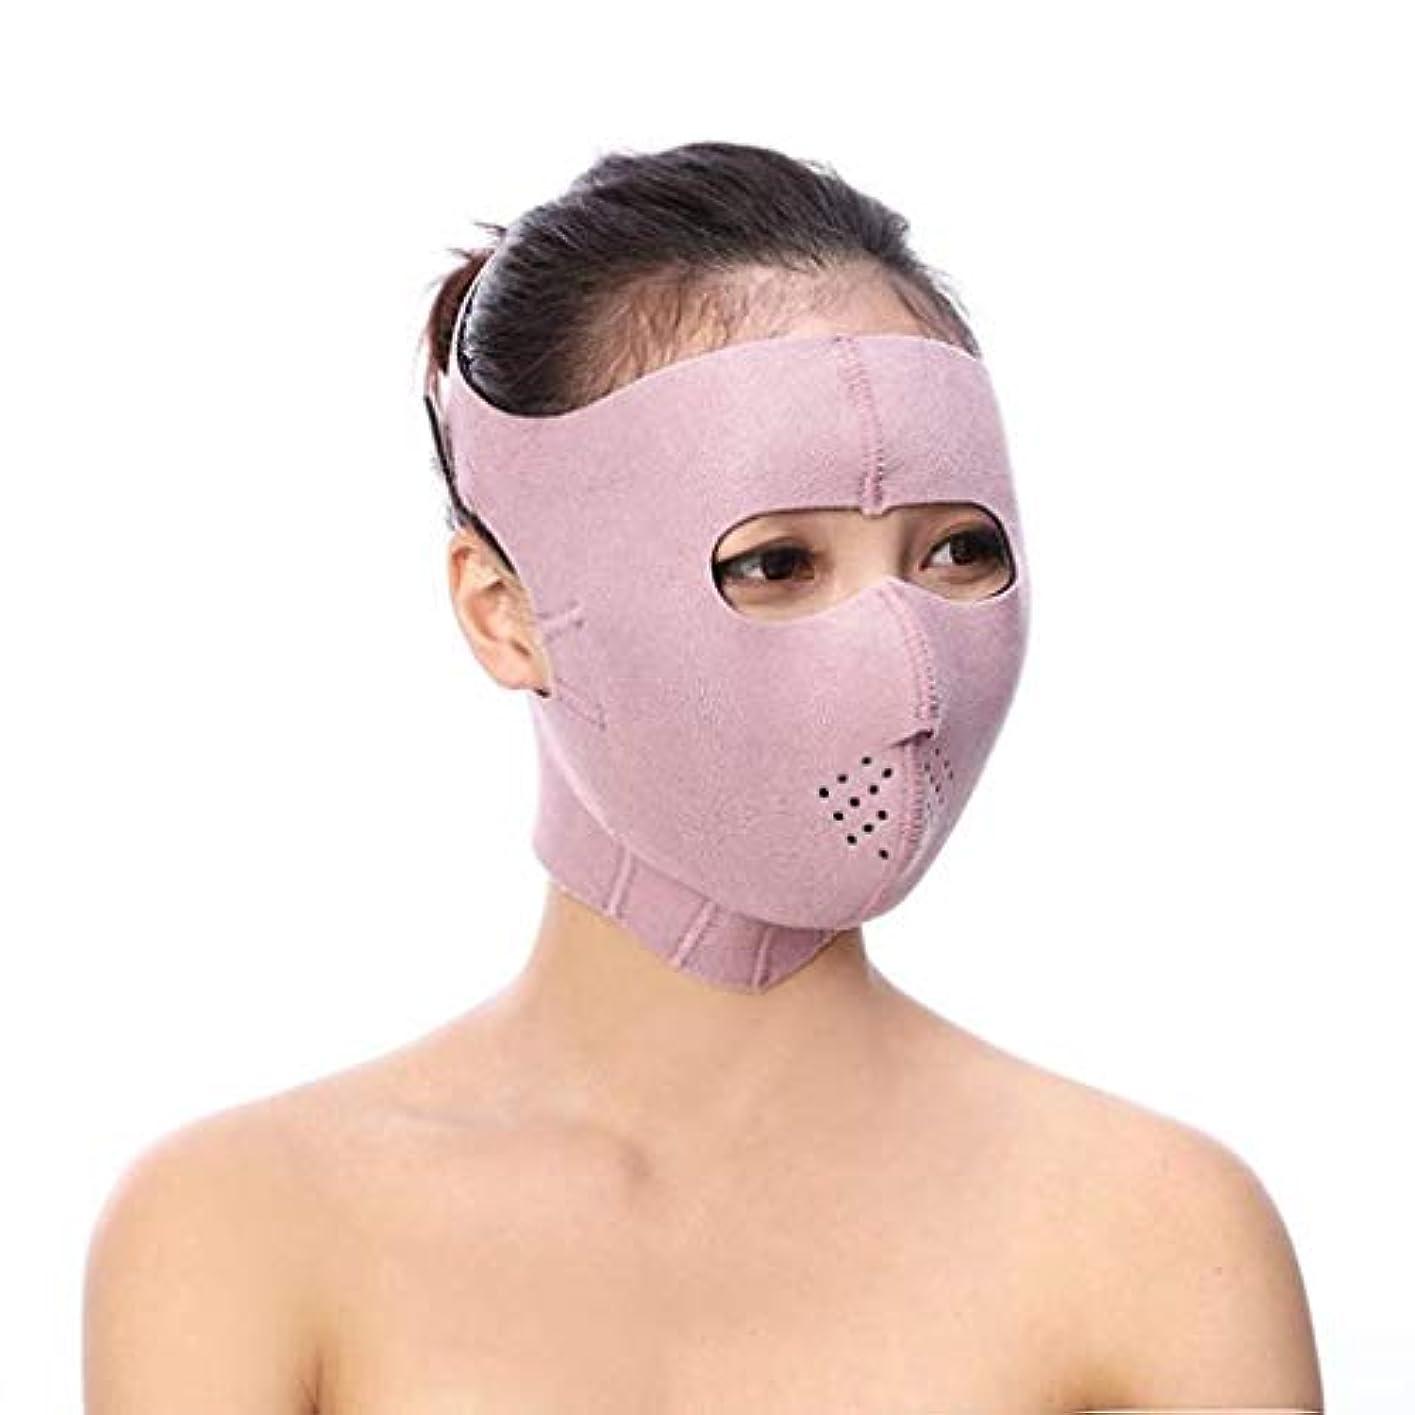 前任者目指す香りフェイスリフティング痩身Vフェイスマスクフルカバレッジ包帯減少フェイシャルダブルチンケア減量美容ベルト